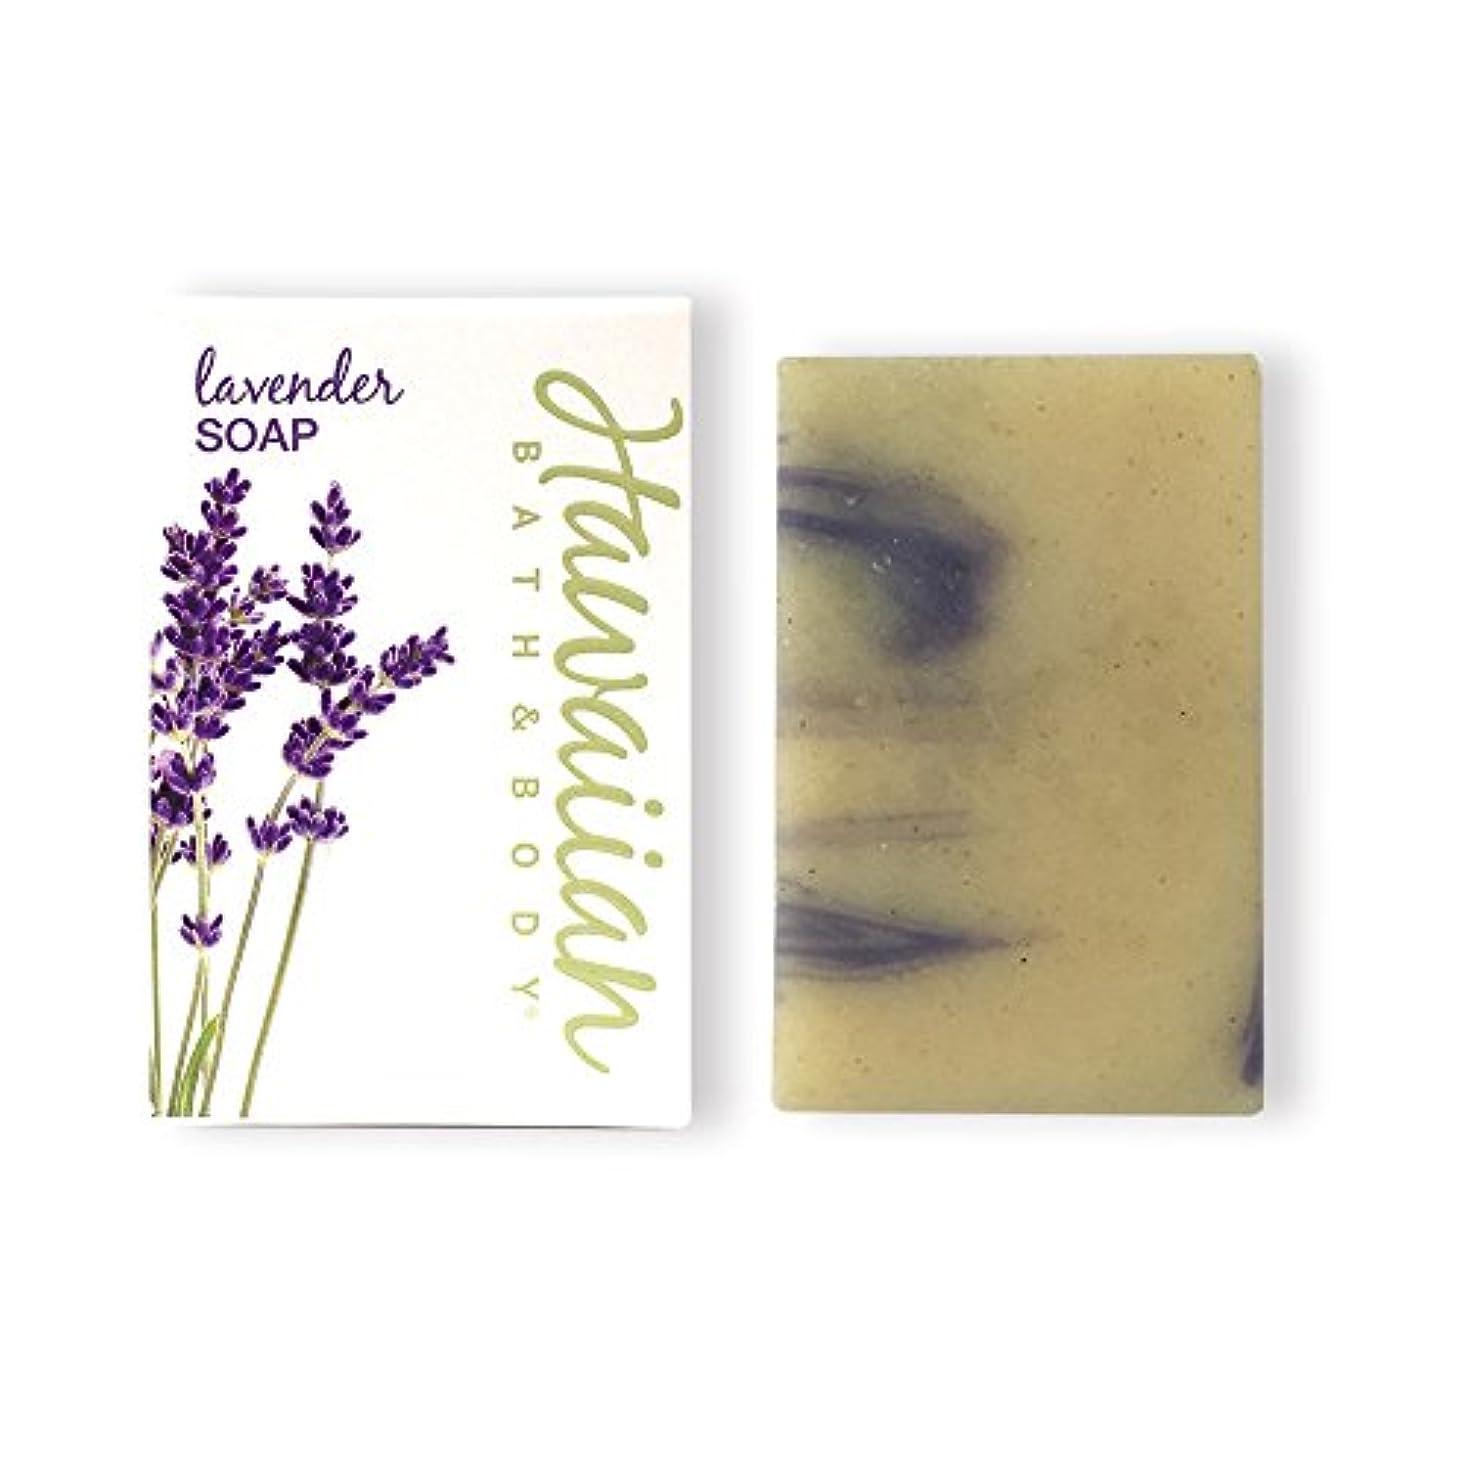 接続された神経衰弱不格好ハワイアンバス&ボディ ラベンダー?ナチュラルソープ ( Lavender Soap )